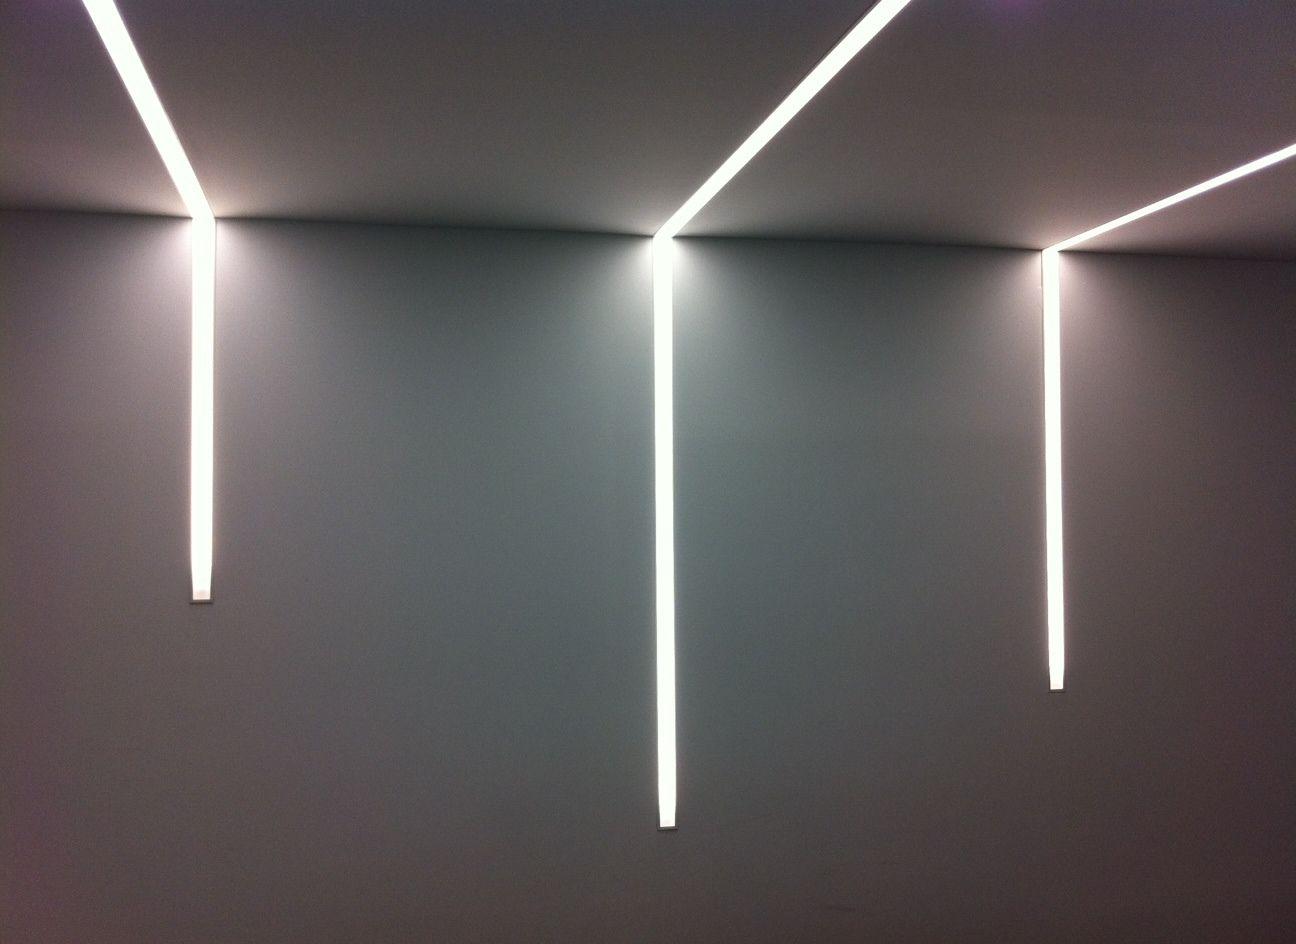 Decoracion Led En Techo Y Pared Proyecto De Iluminacion Interior Iluminacion De Comedor Decorar Con Luces Led